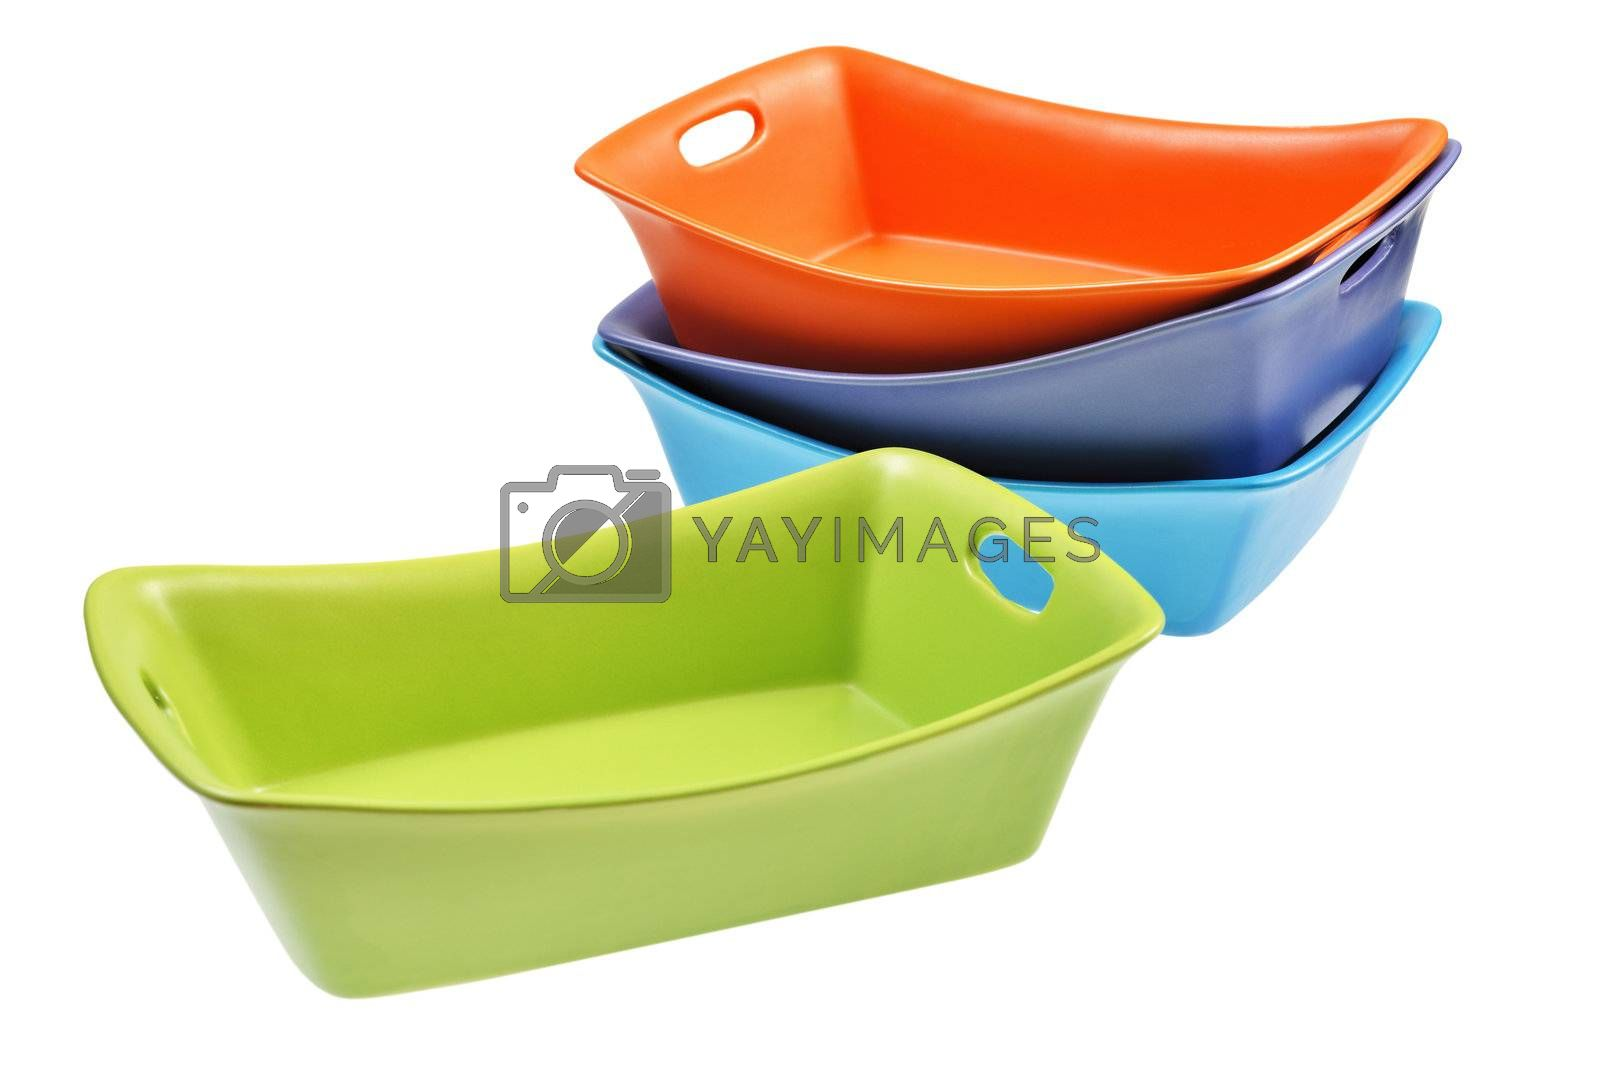 Ceramic baking dish set. Isolated on white background